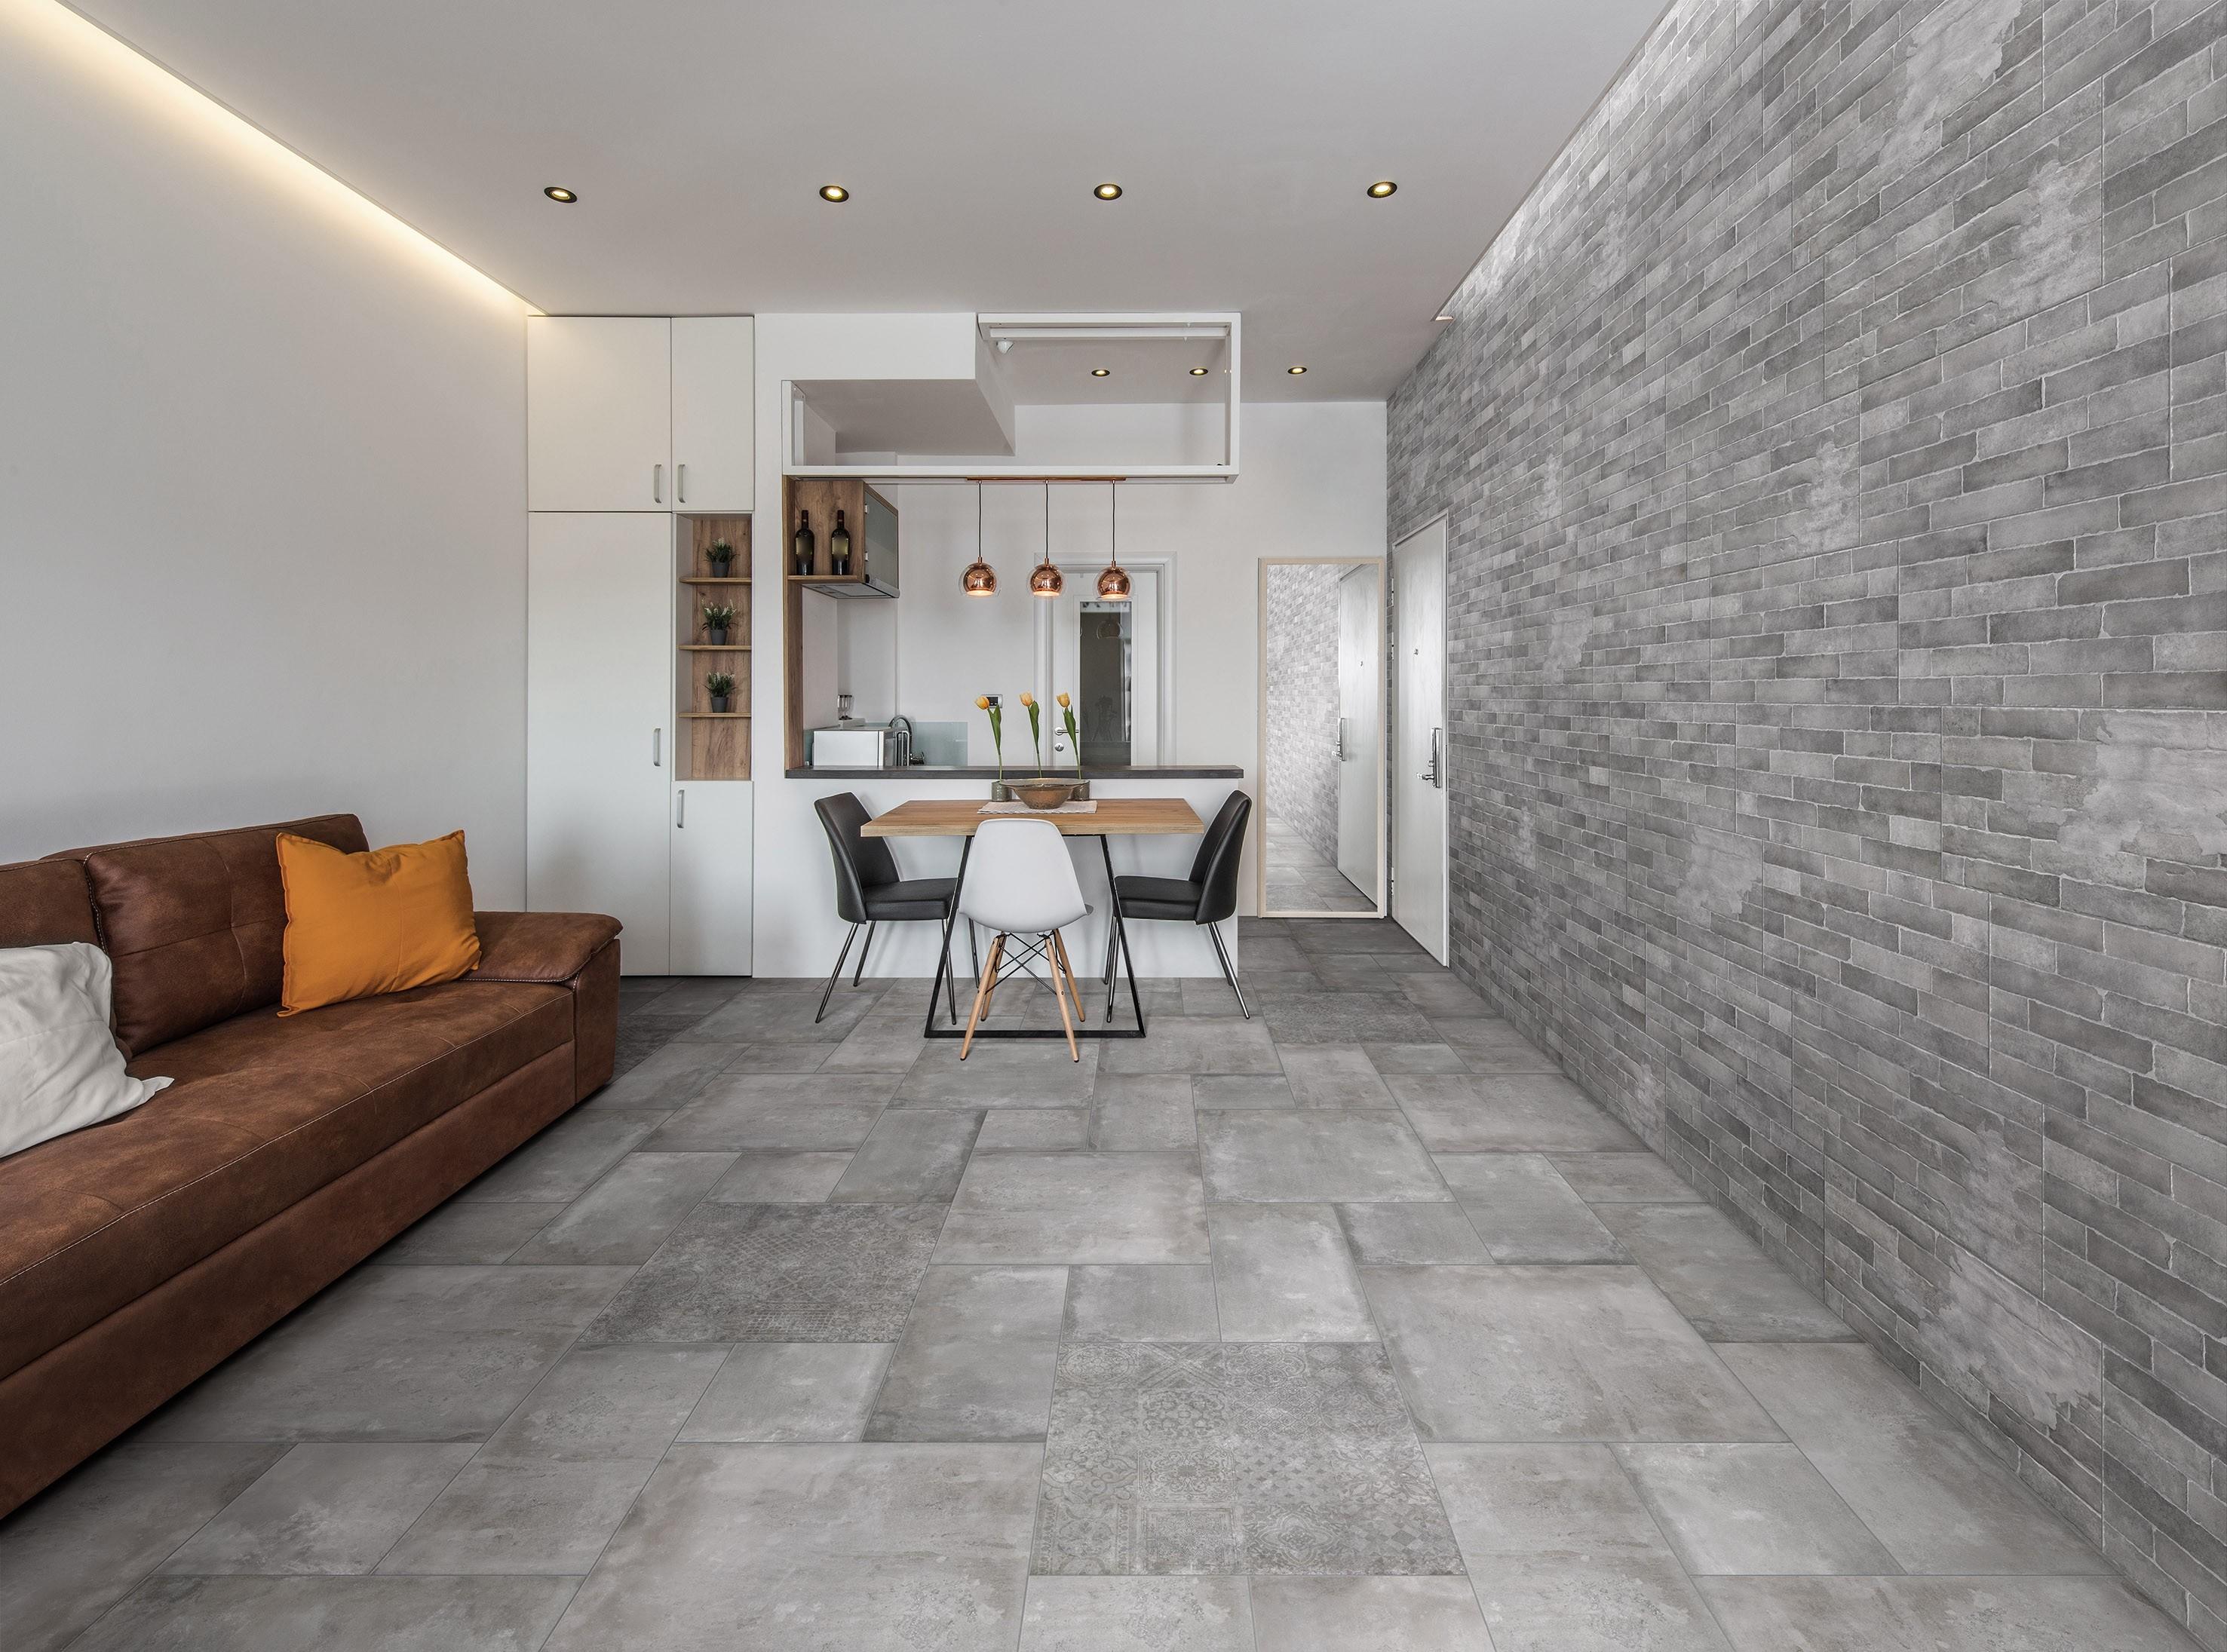 Carrelage intérieur ICON 60x60 - ABITARE